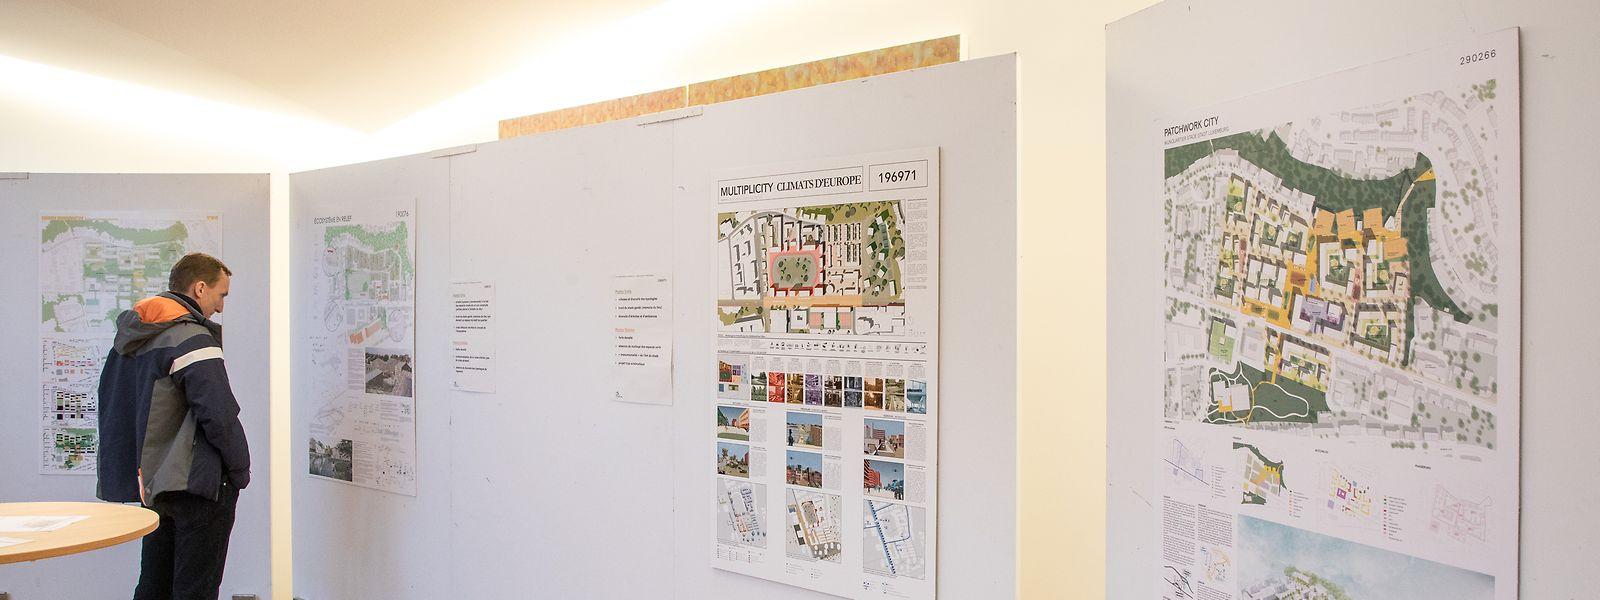 Vom 21. Januar bis 1. Februar hatten die Bürger Zeit, sich die Skizzen im Bierger-Center anzusehen.